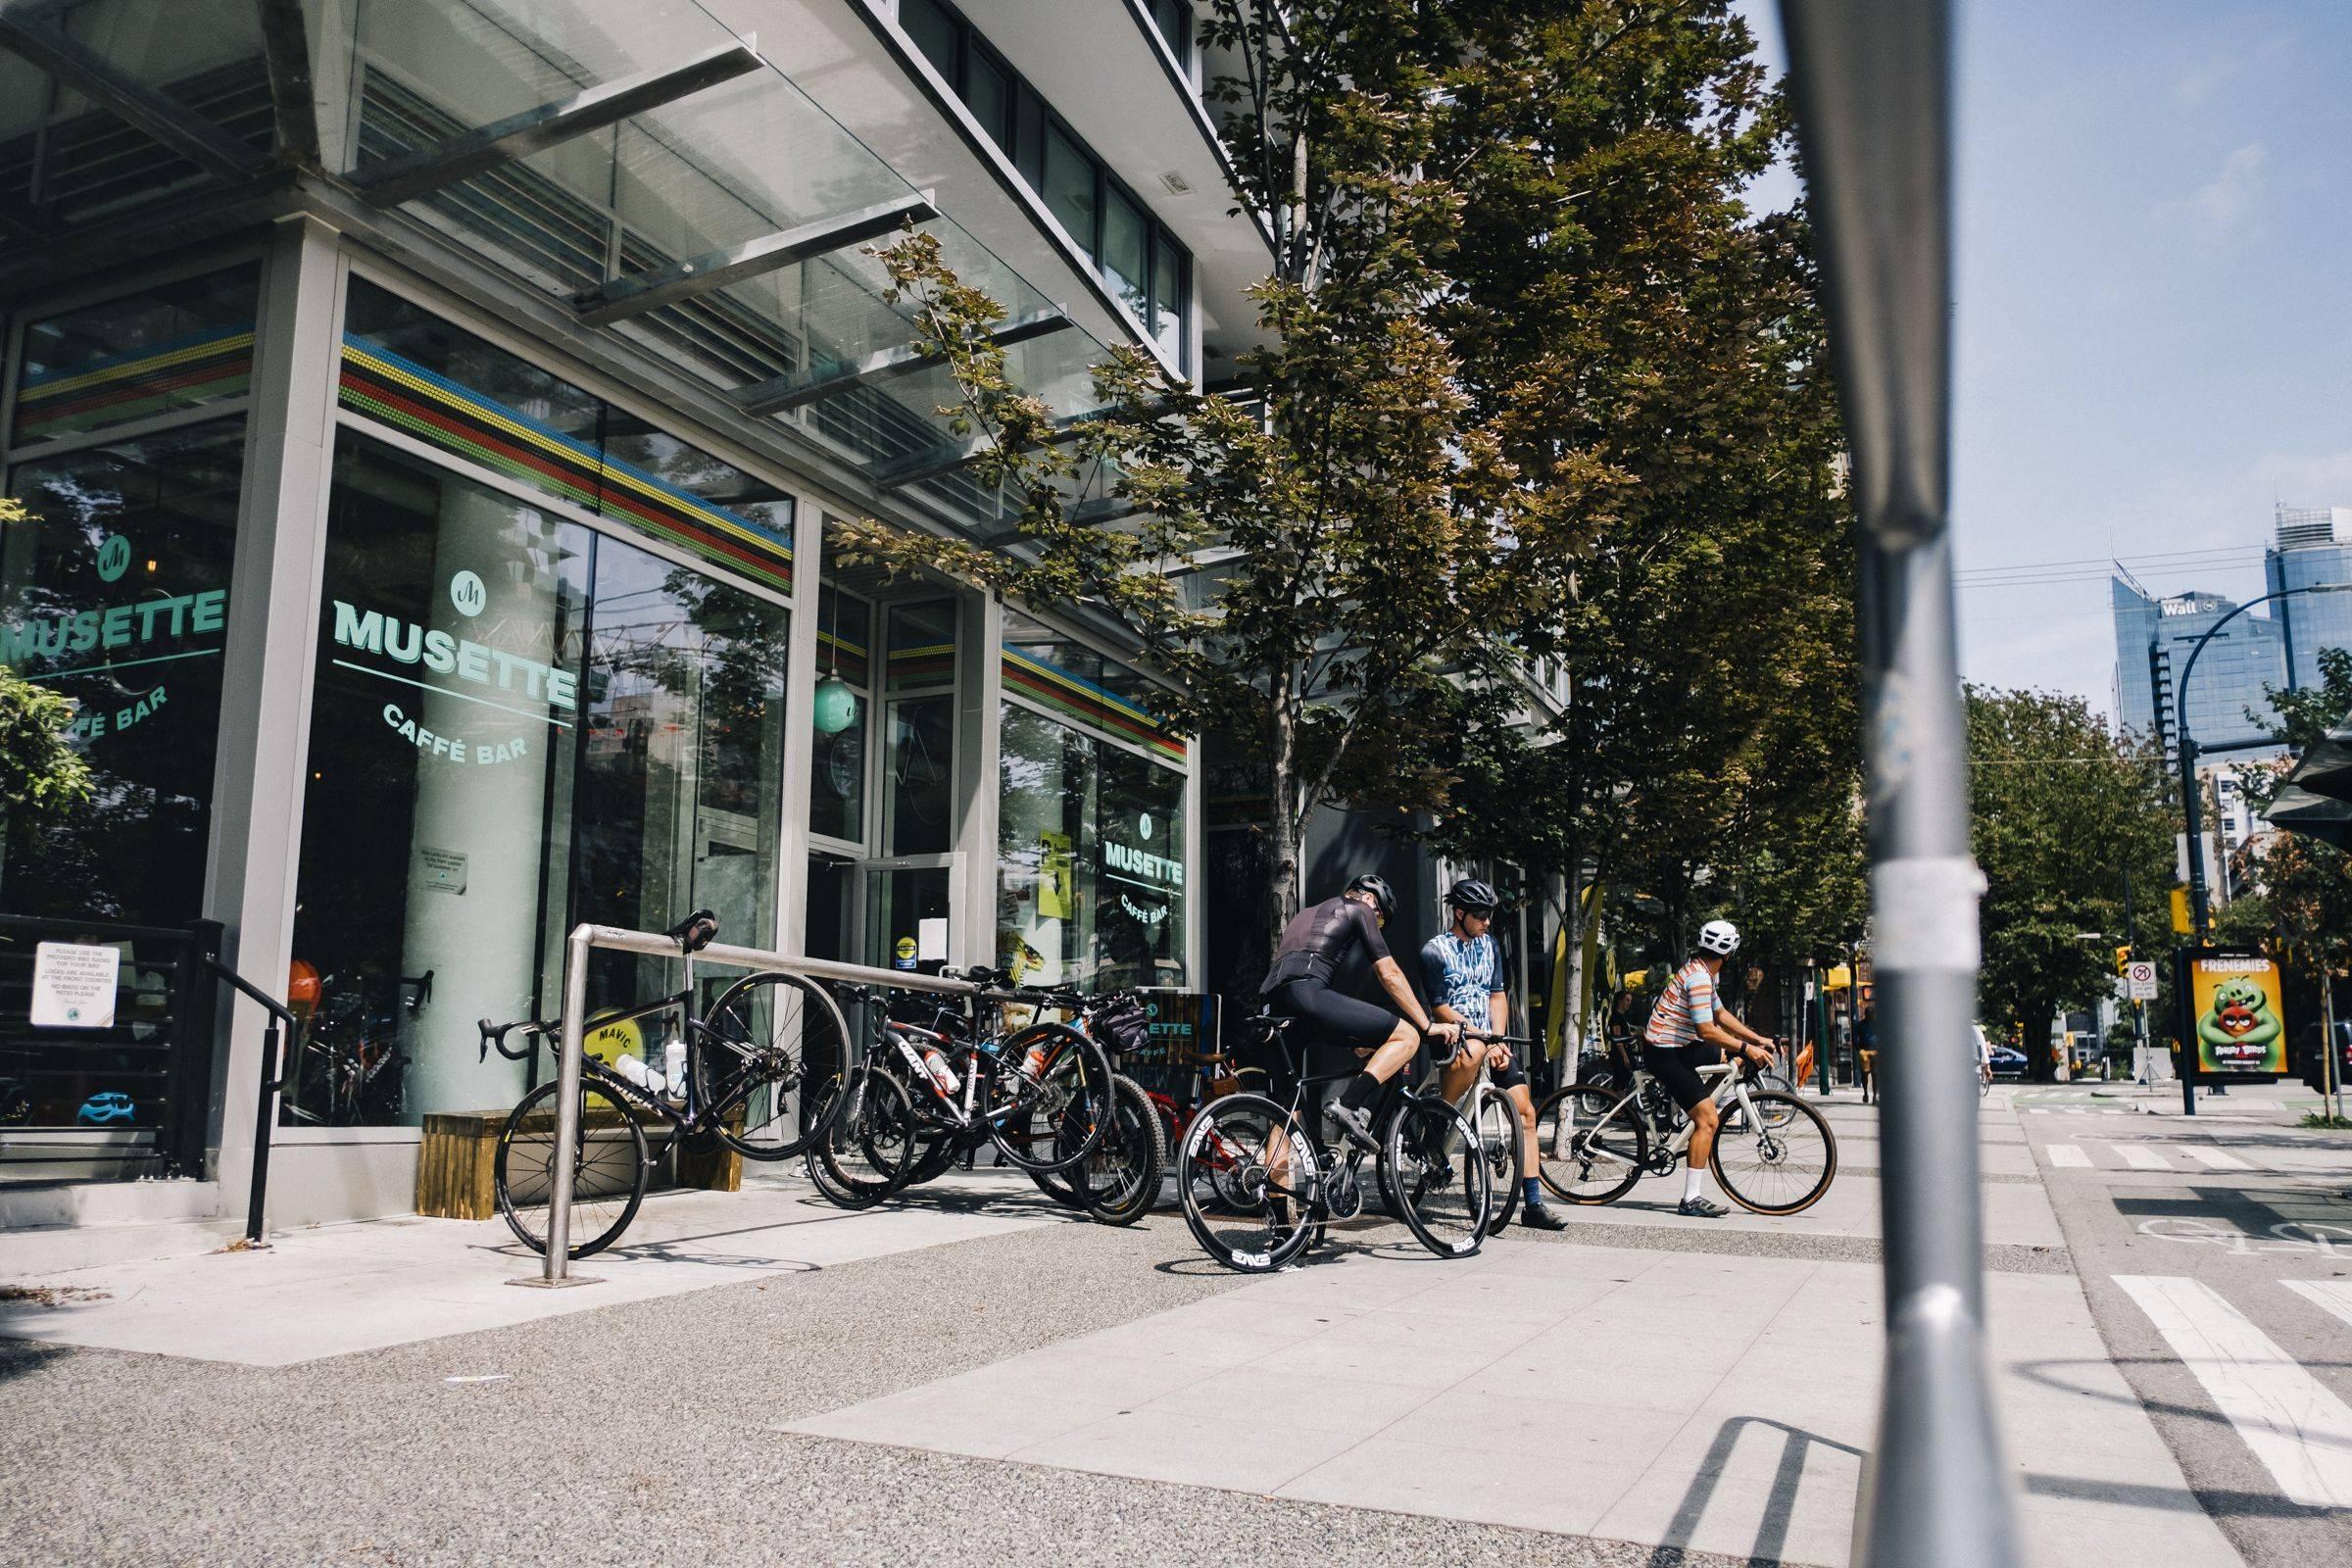 Eliel - Musette Caffe - Bicicletta Vancouver